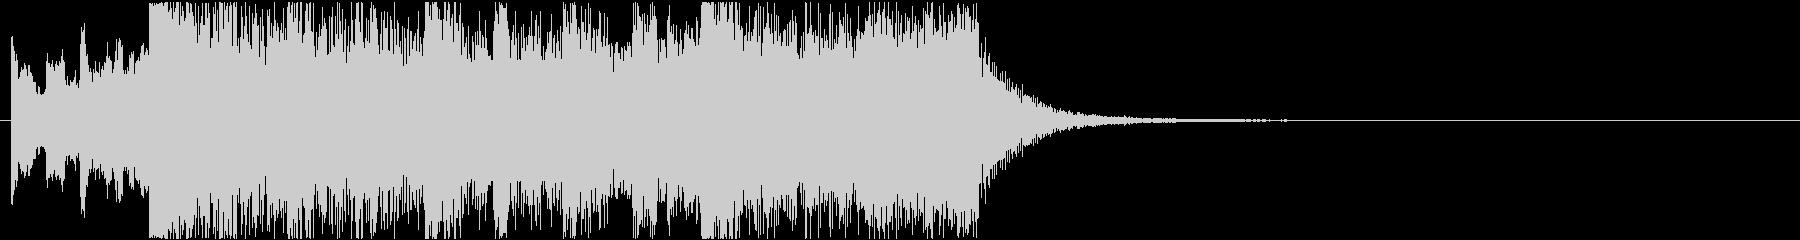 ニュースOP2 16bit44.1kHzの未再生の波形